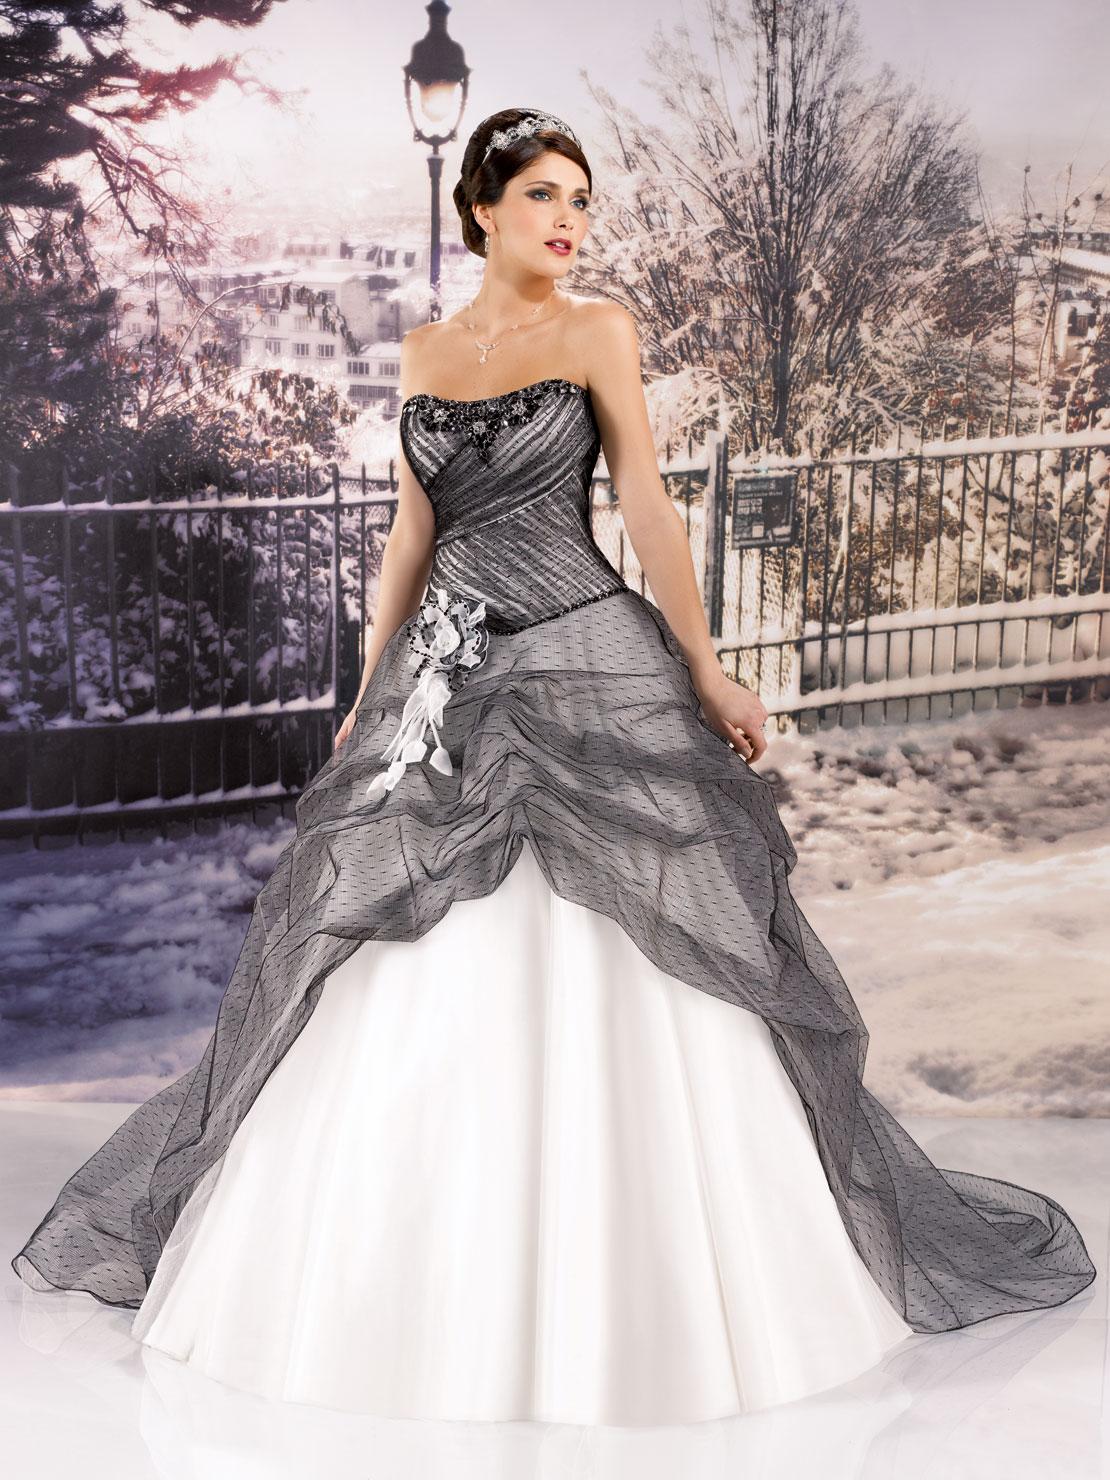 13 - Vestidos de Noiva Coloridos - Inspirações